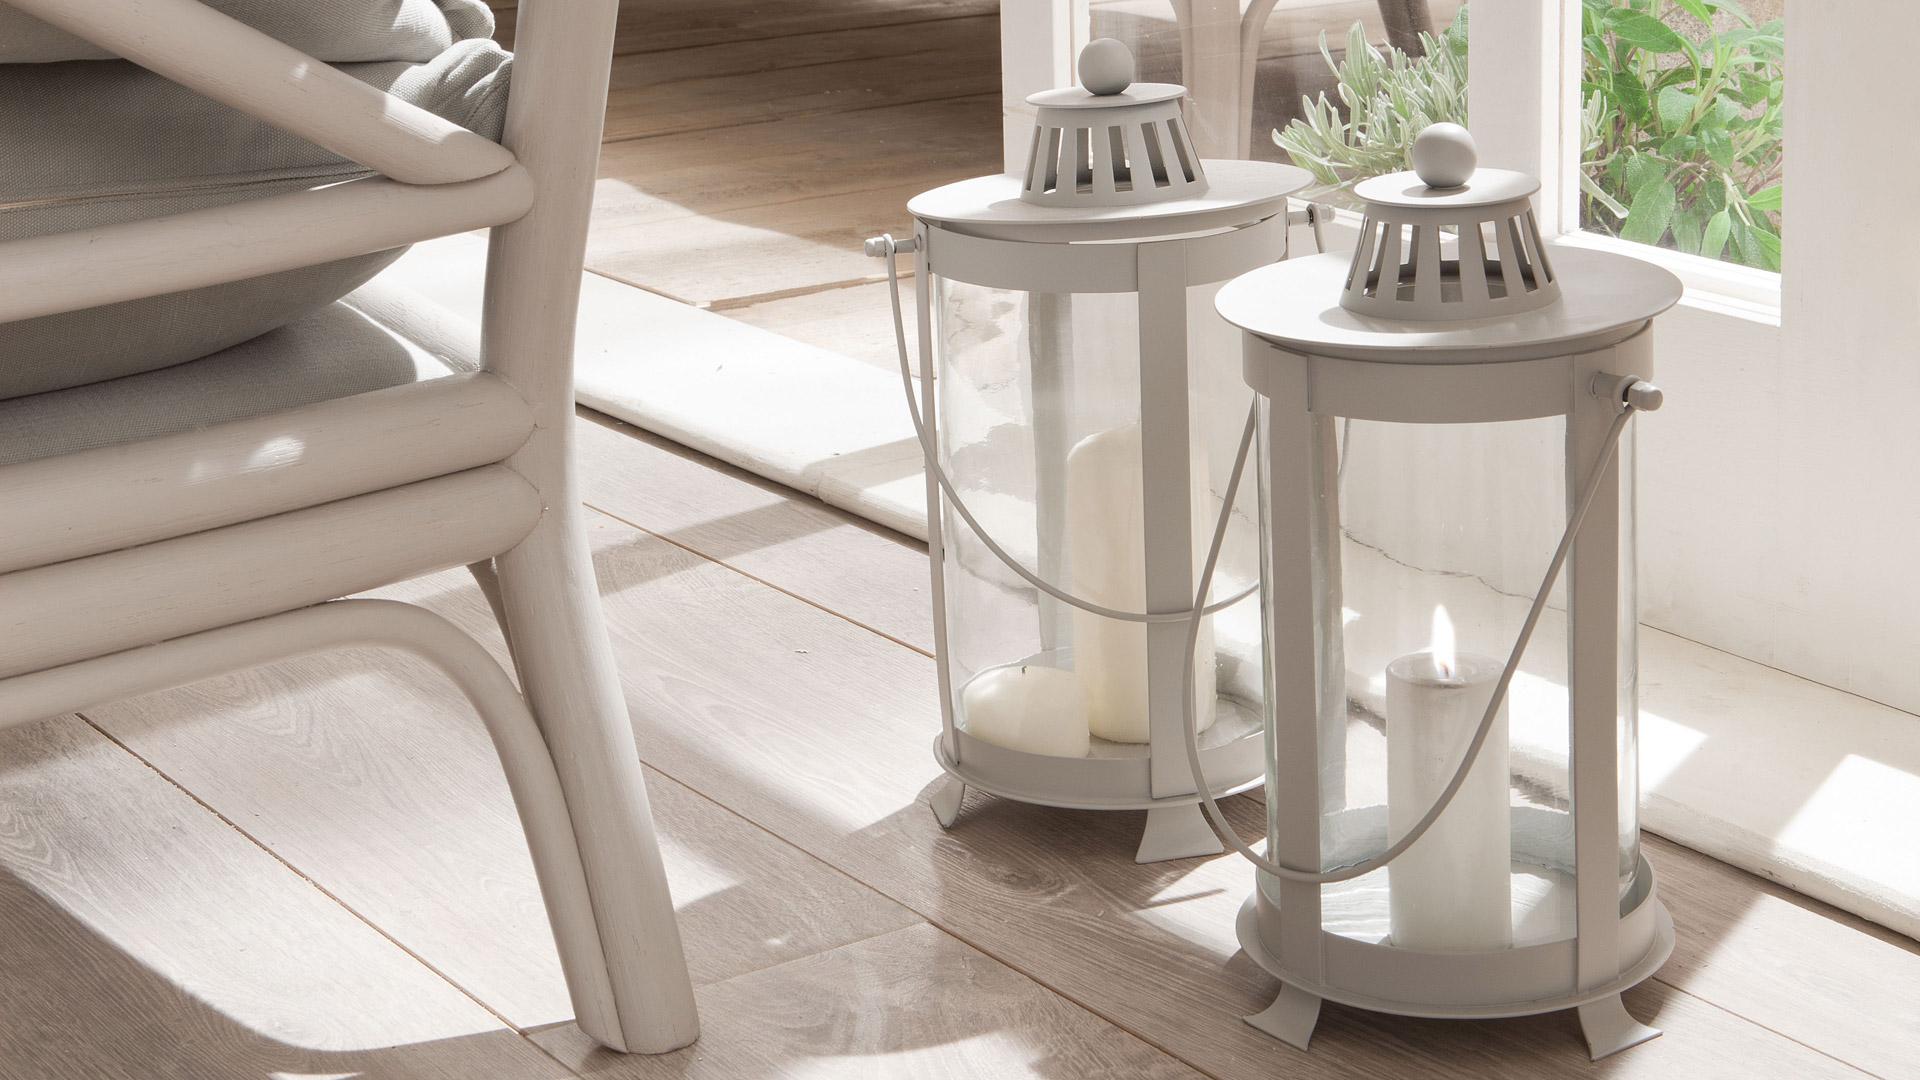 Arredo milano arredamento provenzale tendenze casa for Negozi mobili da giardino milano